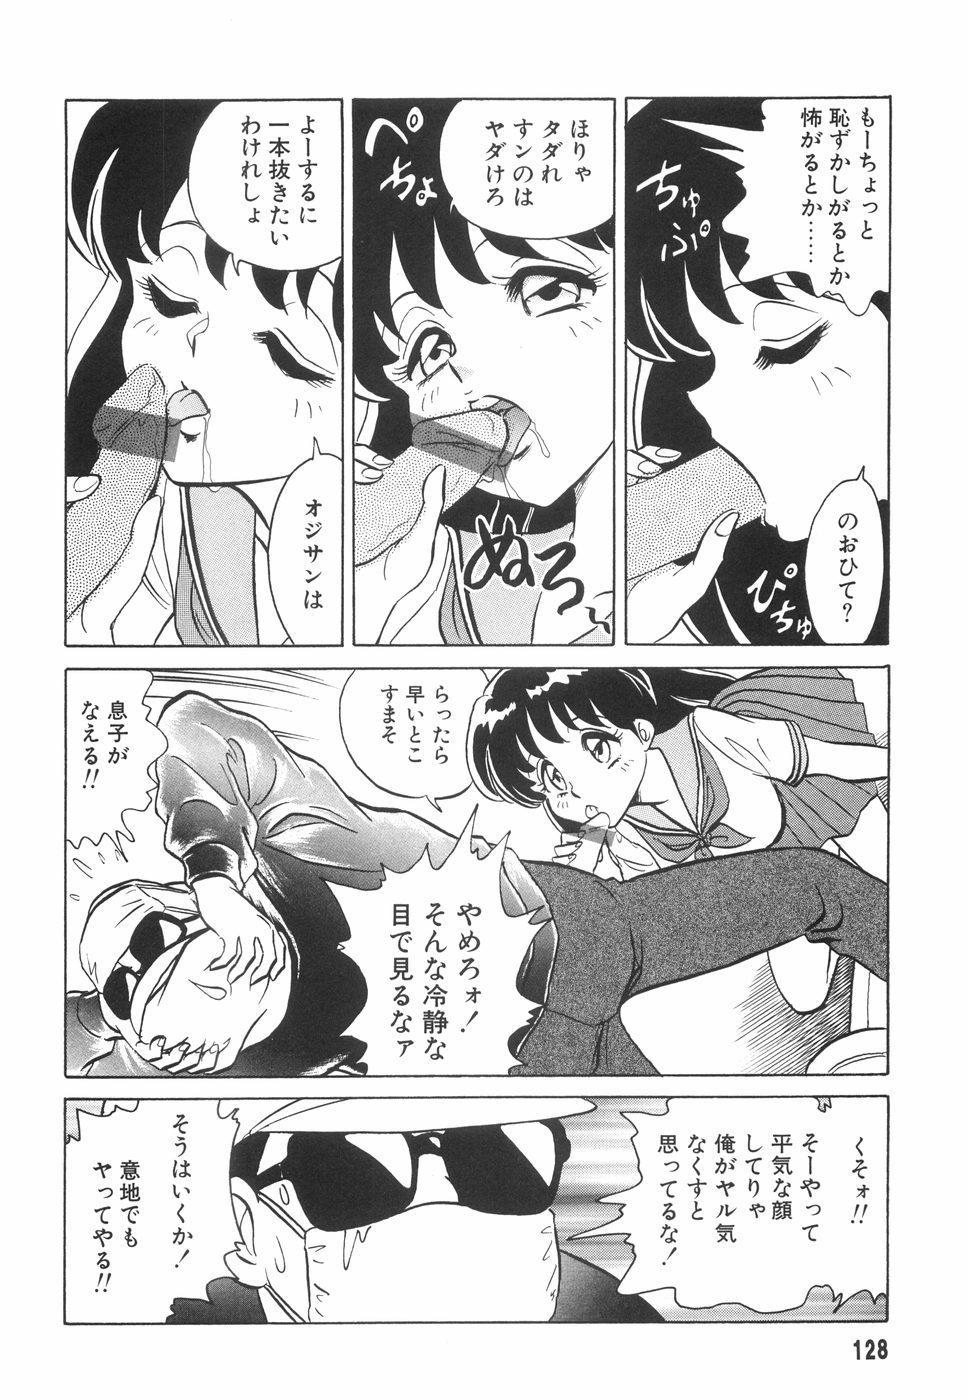 Hazukashime no Jikan 128